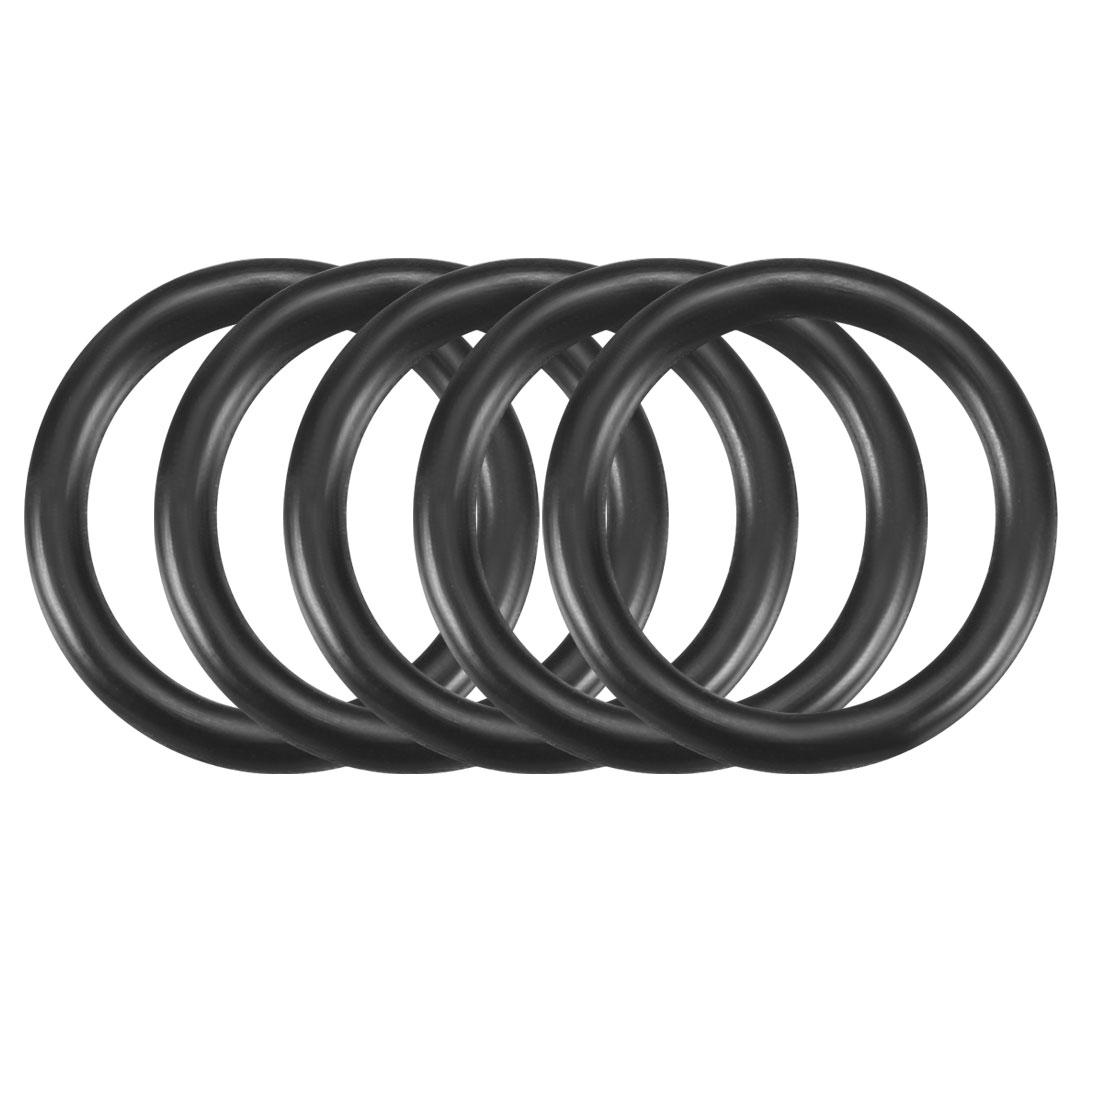 50pcs Black Nitrile Butadiene Rubber NBR O-Ring 10.82mm Inner Dia 1.78mm Width